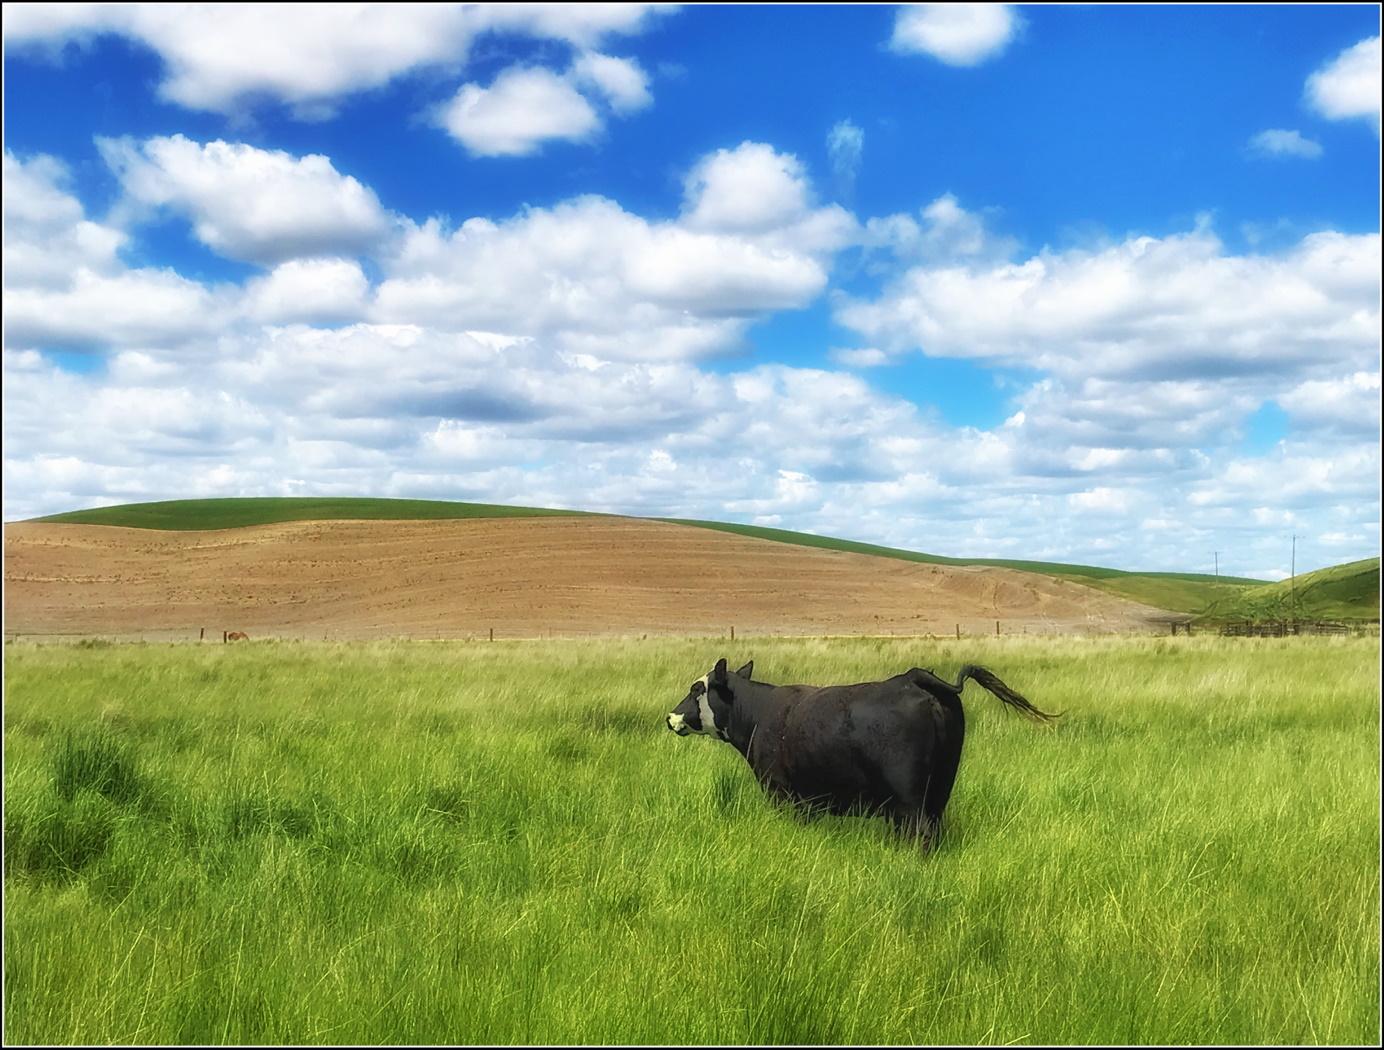 AUG-WUCHON-A2-A HAPPY COW